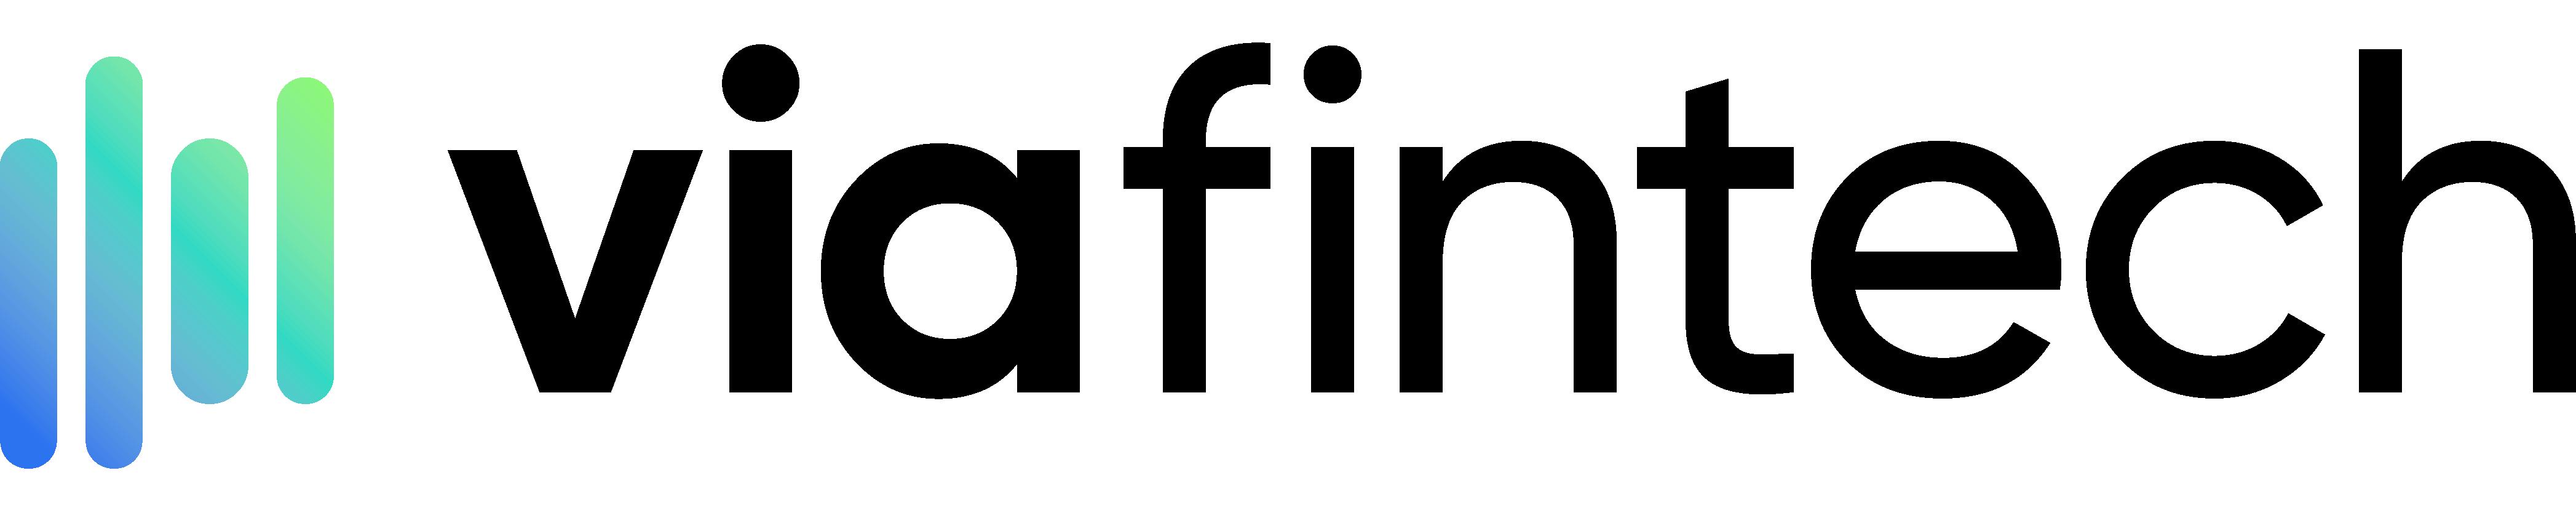 viafintech